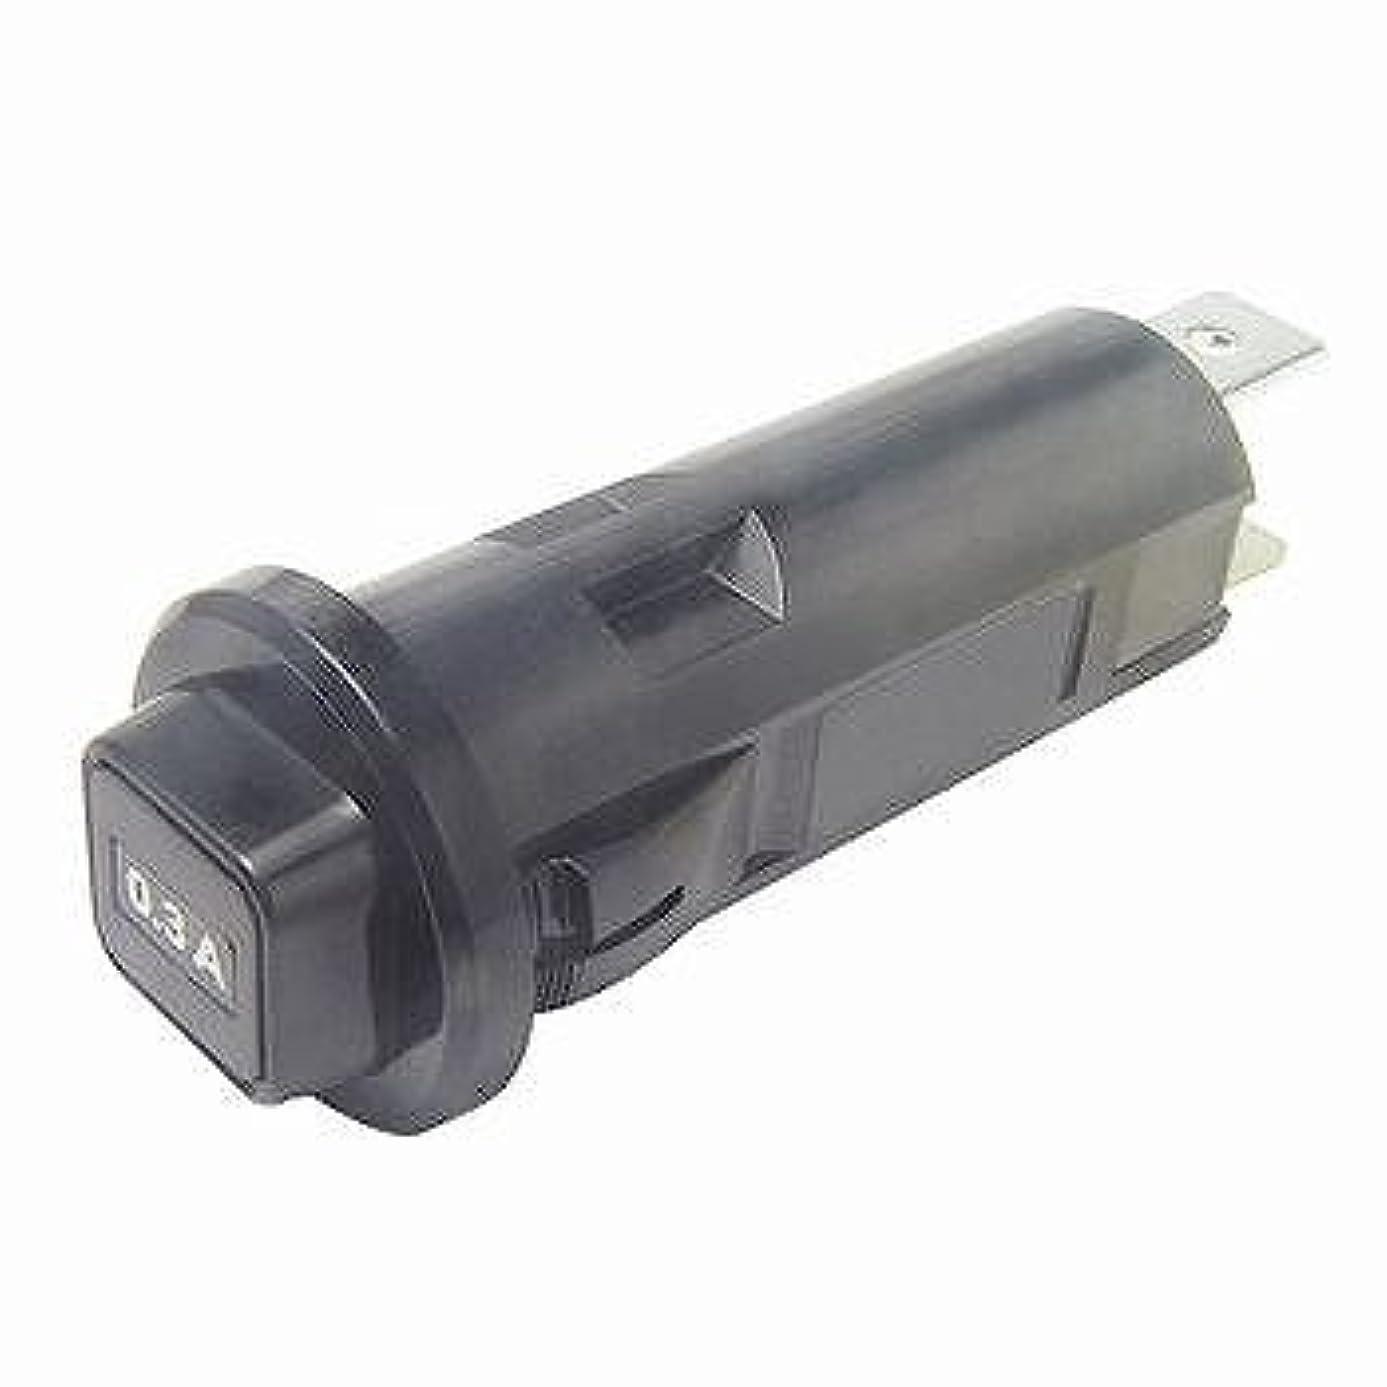 蒸し器モッキンバード過度のIDEC(アイデック) サーキットプロテクタ NRFシリーズ 電流引外し 1極 補助接点なし NRF110-8A